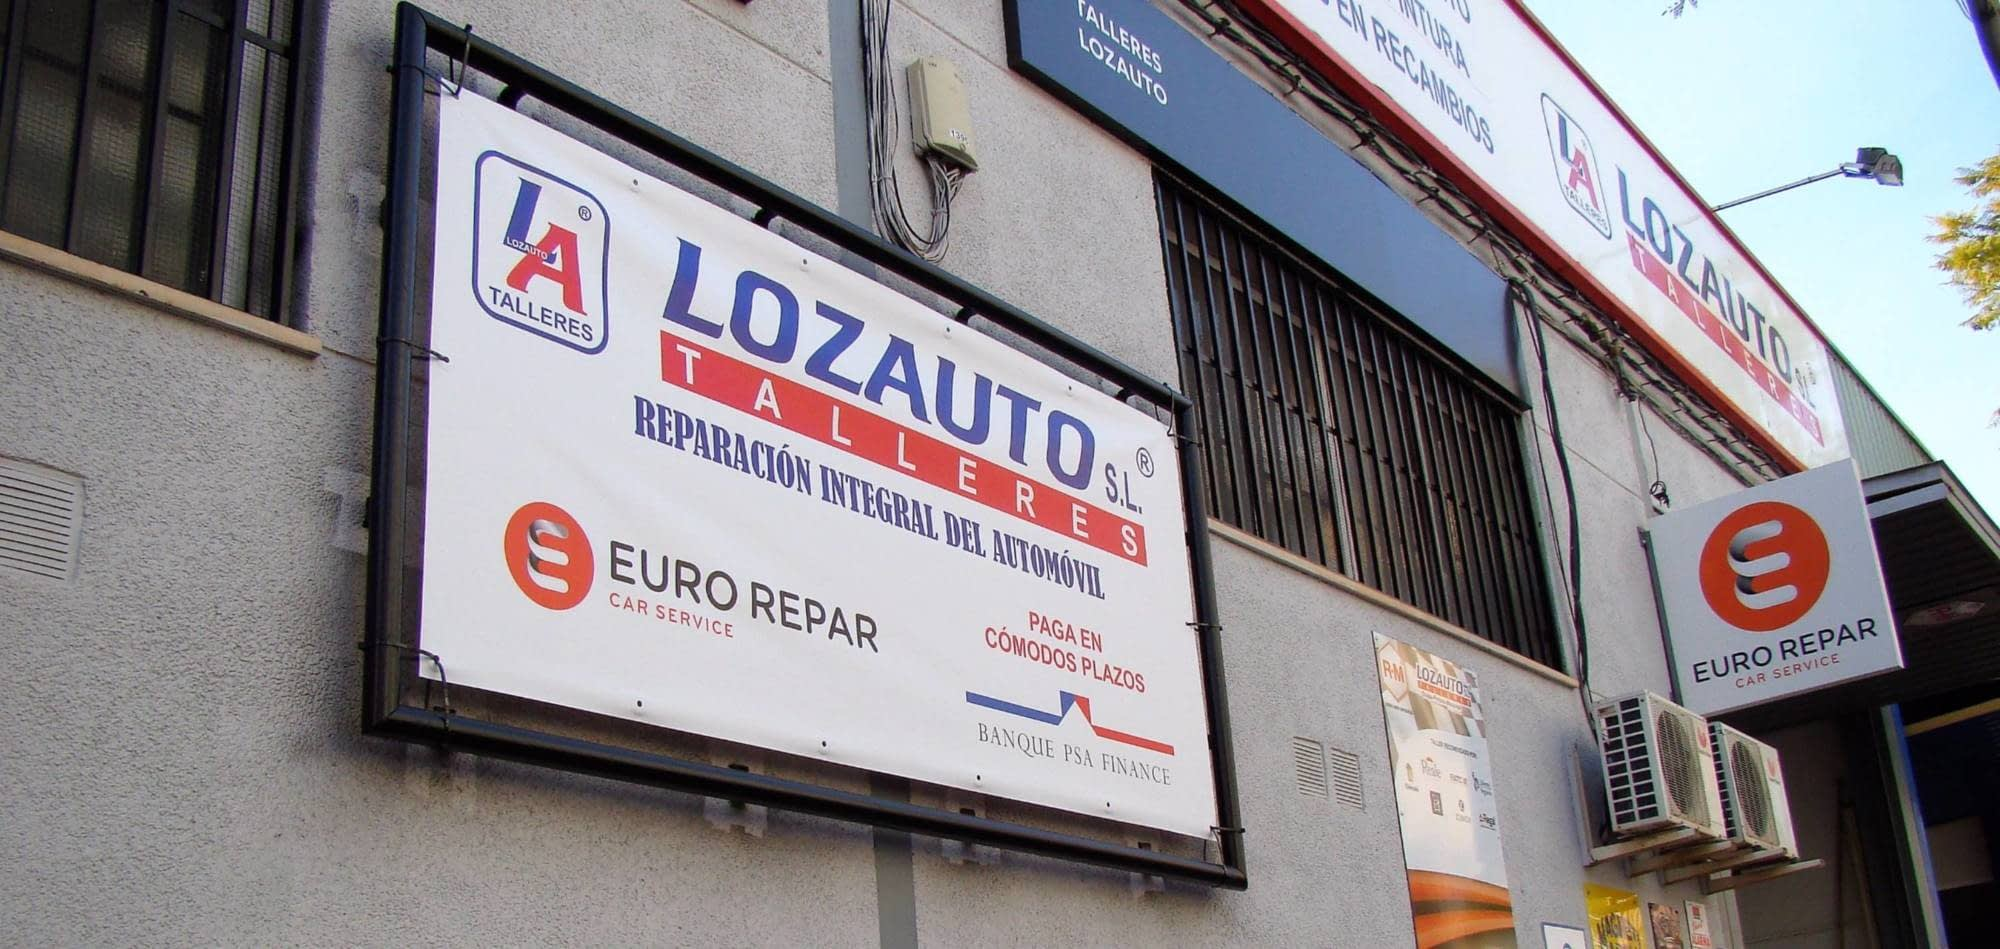 TALLERES LOZAUTO S.L. EUROREPAR